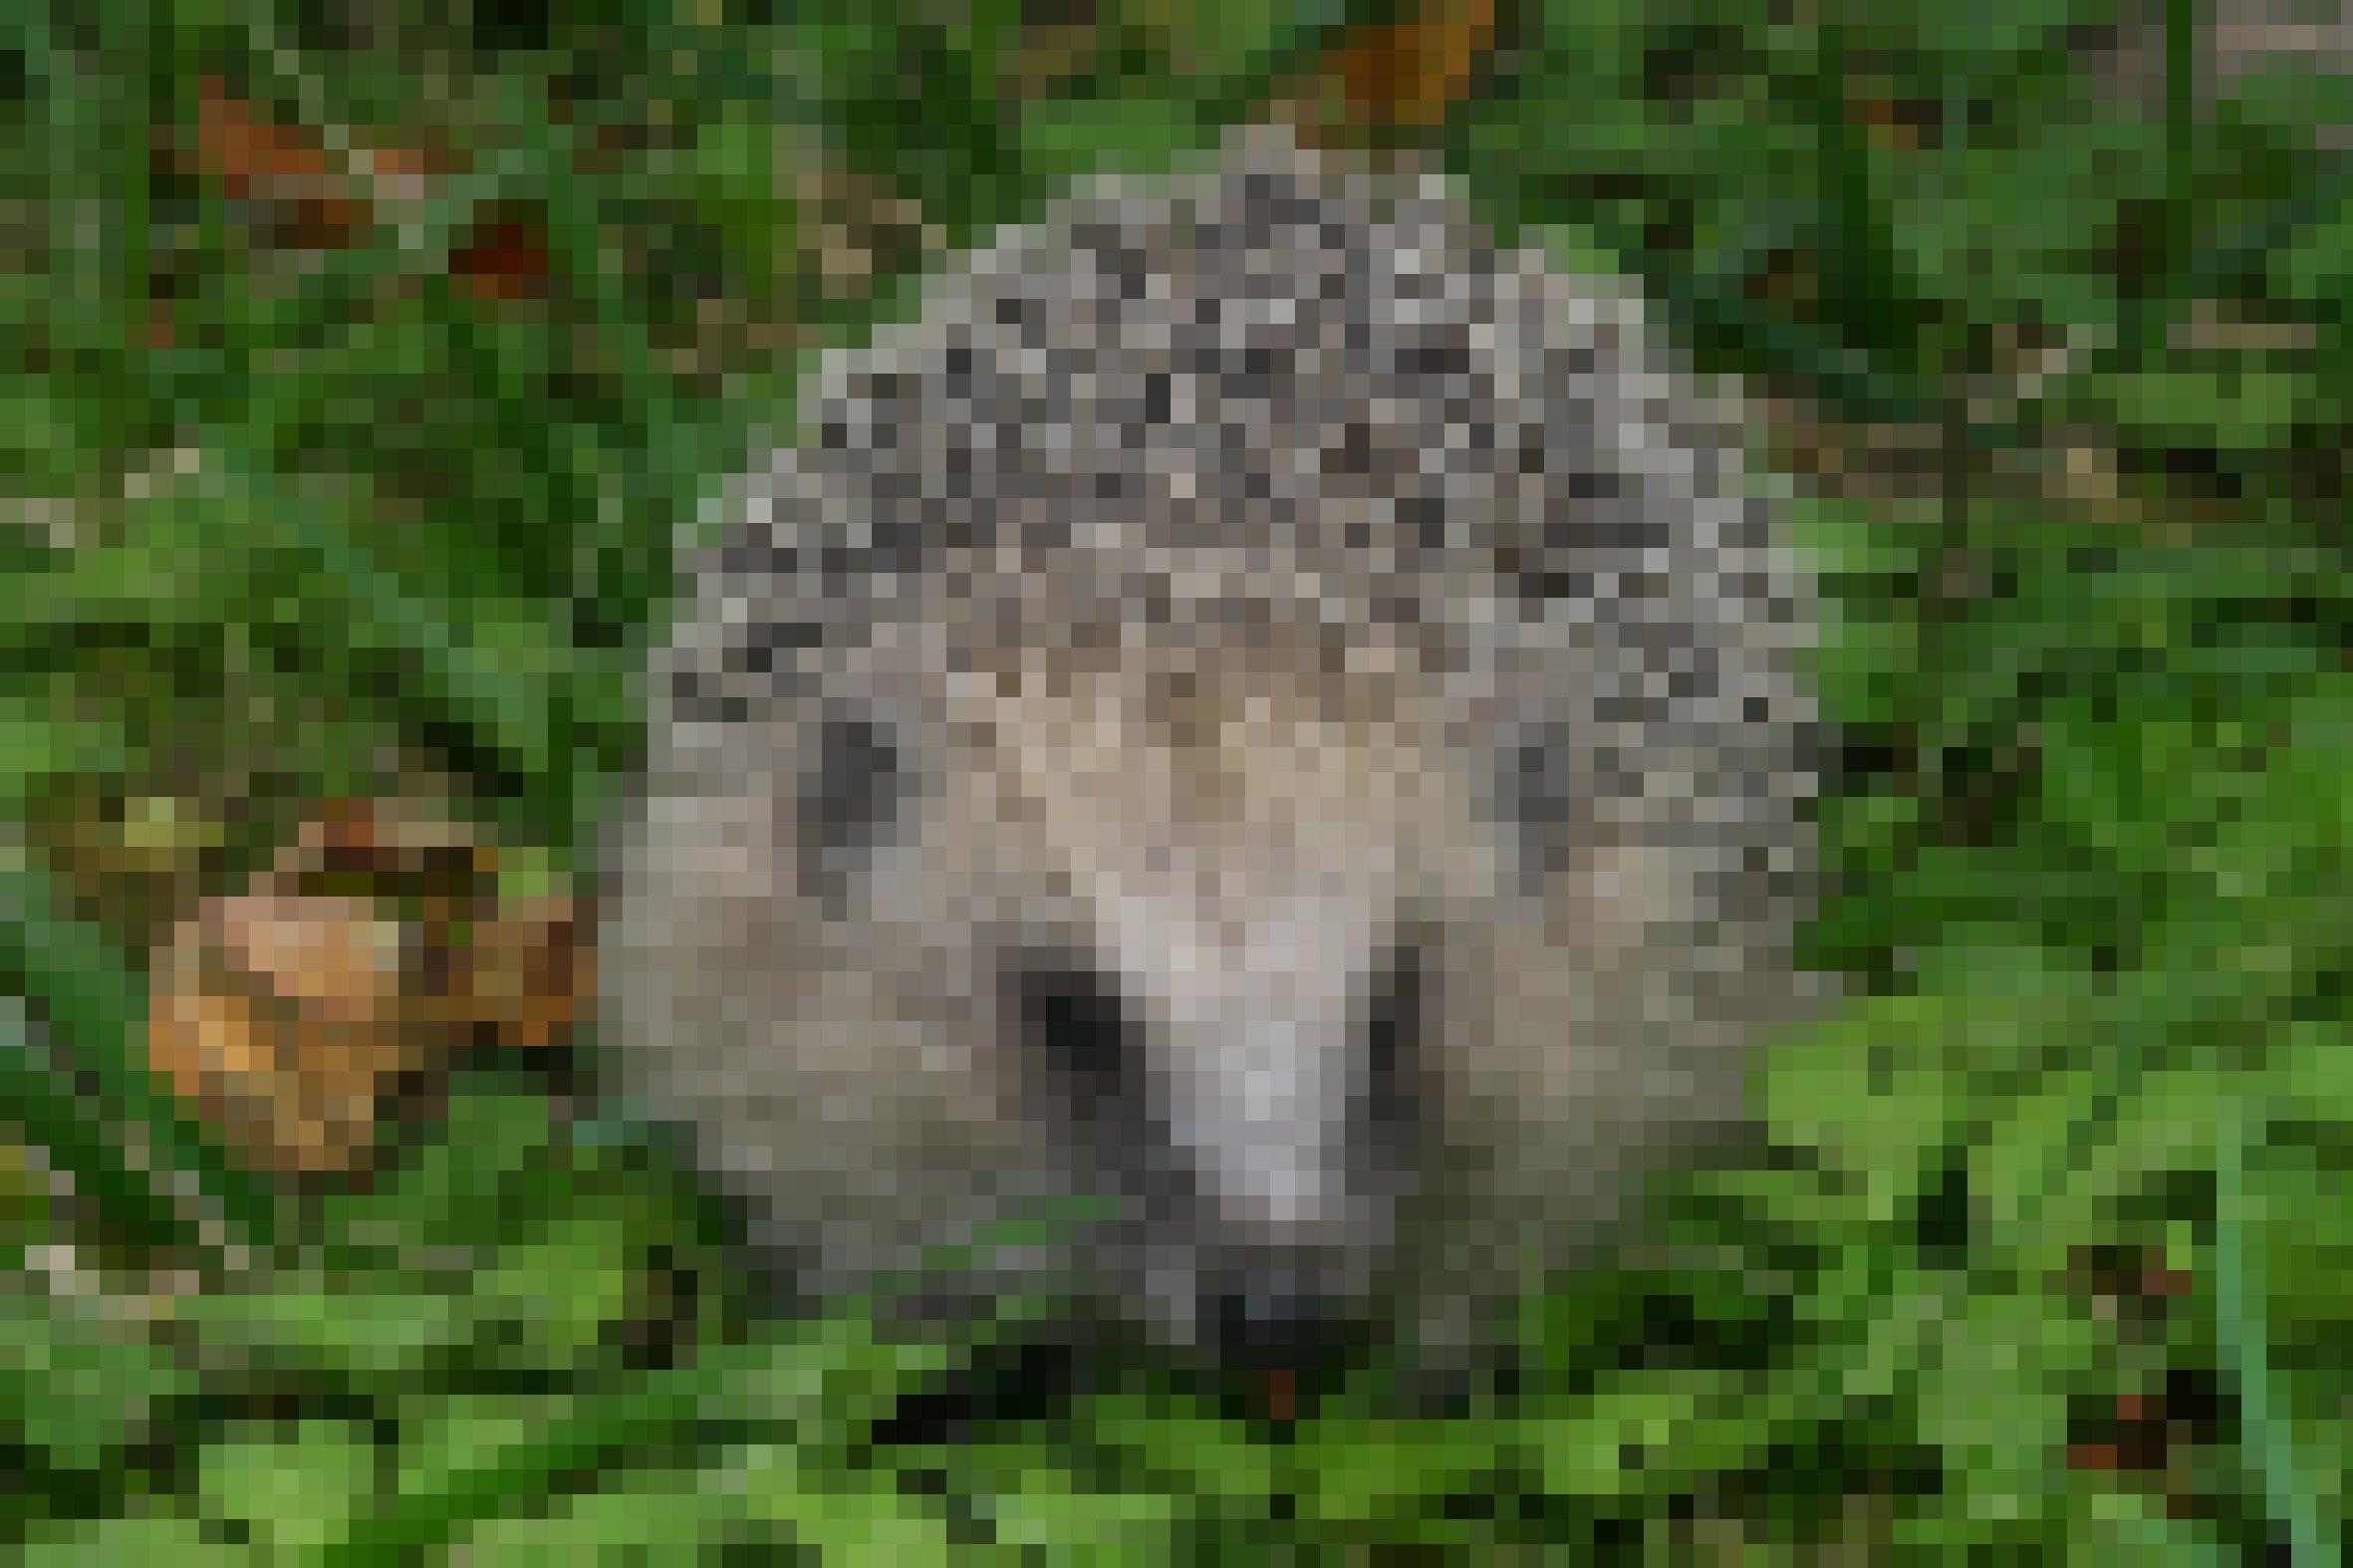 Ein Braunbrustigel (Erinaceus europaeus) im Gras.